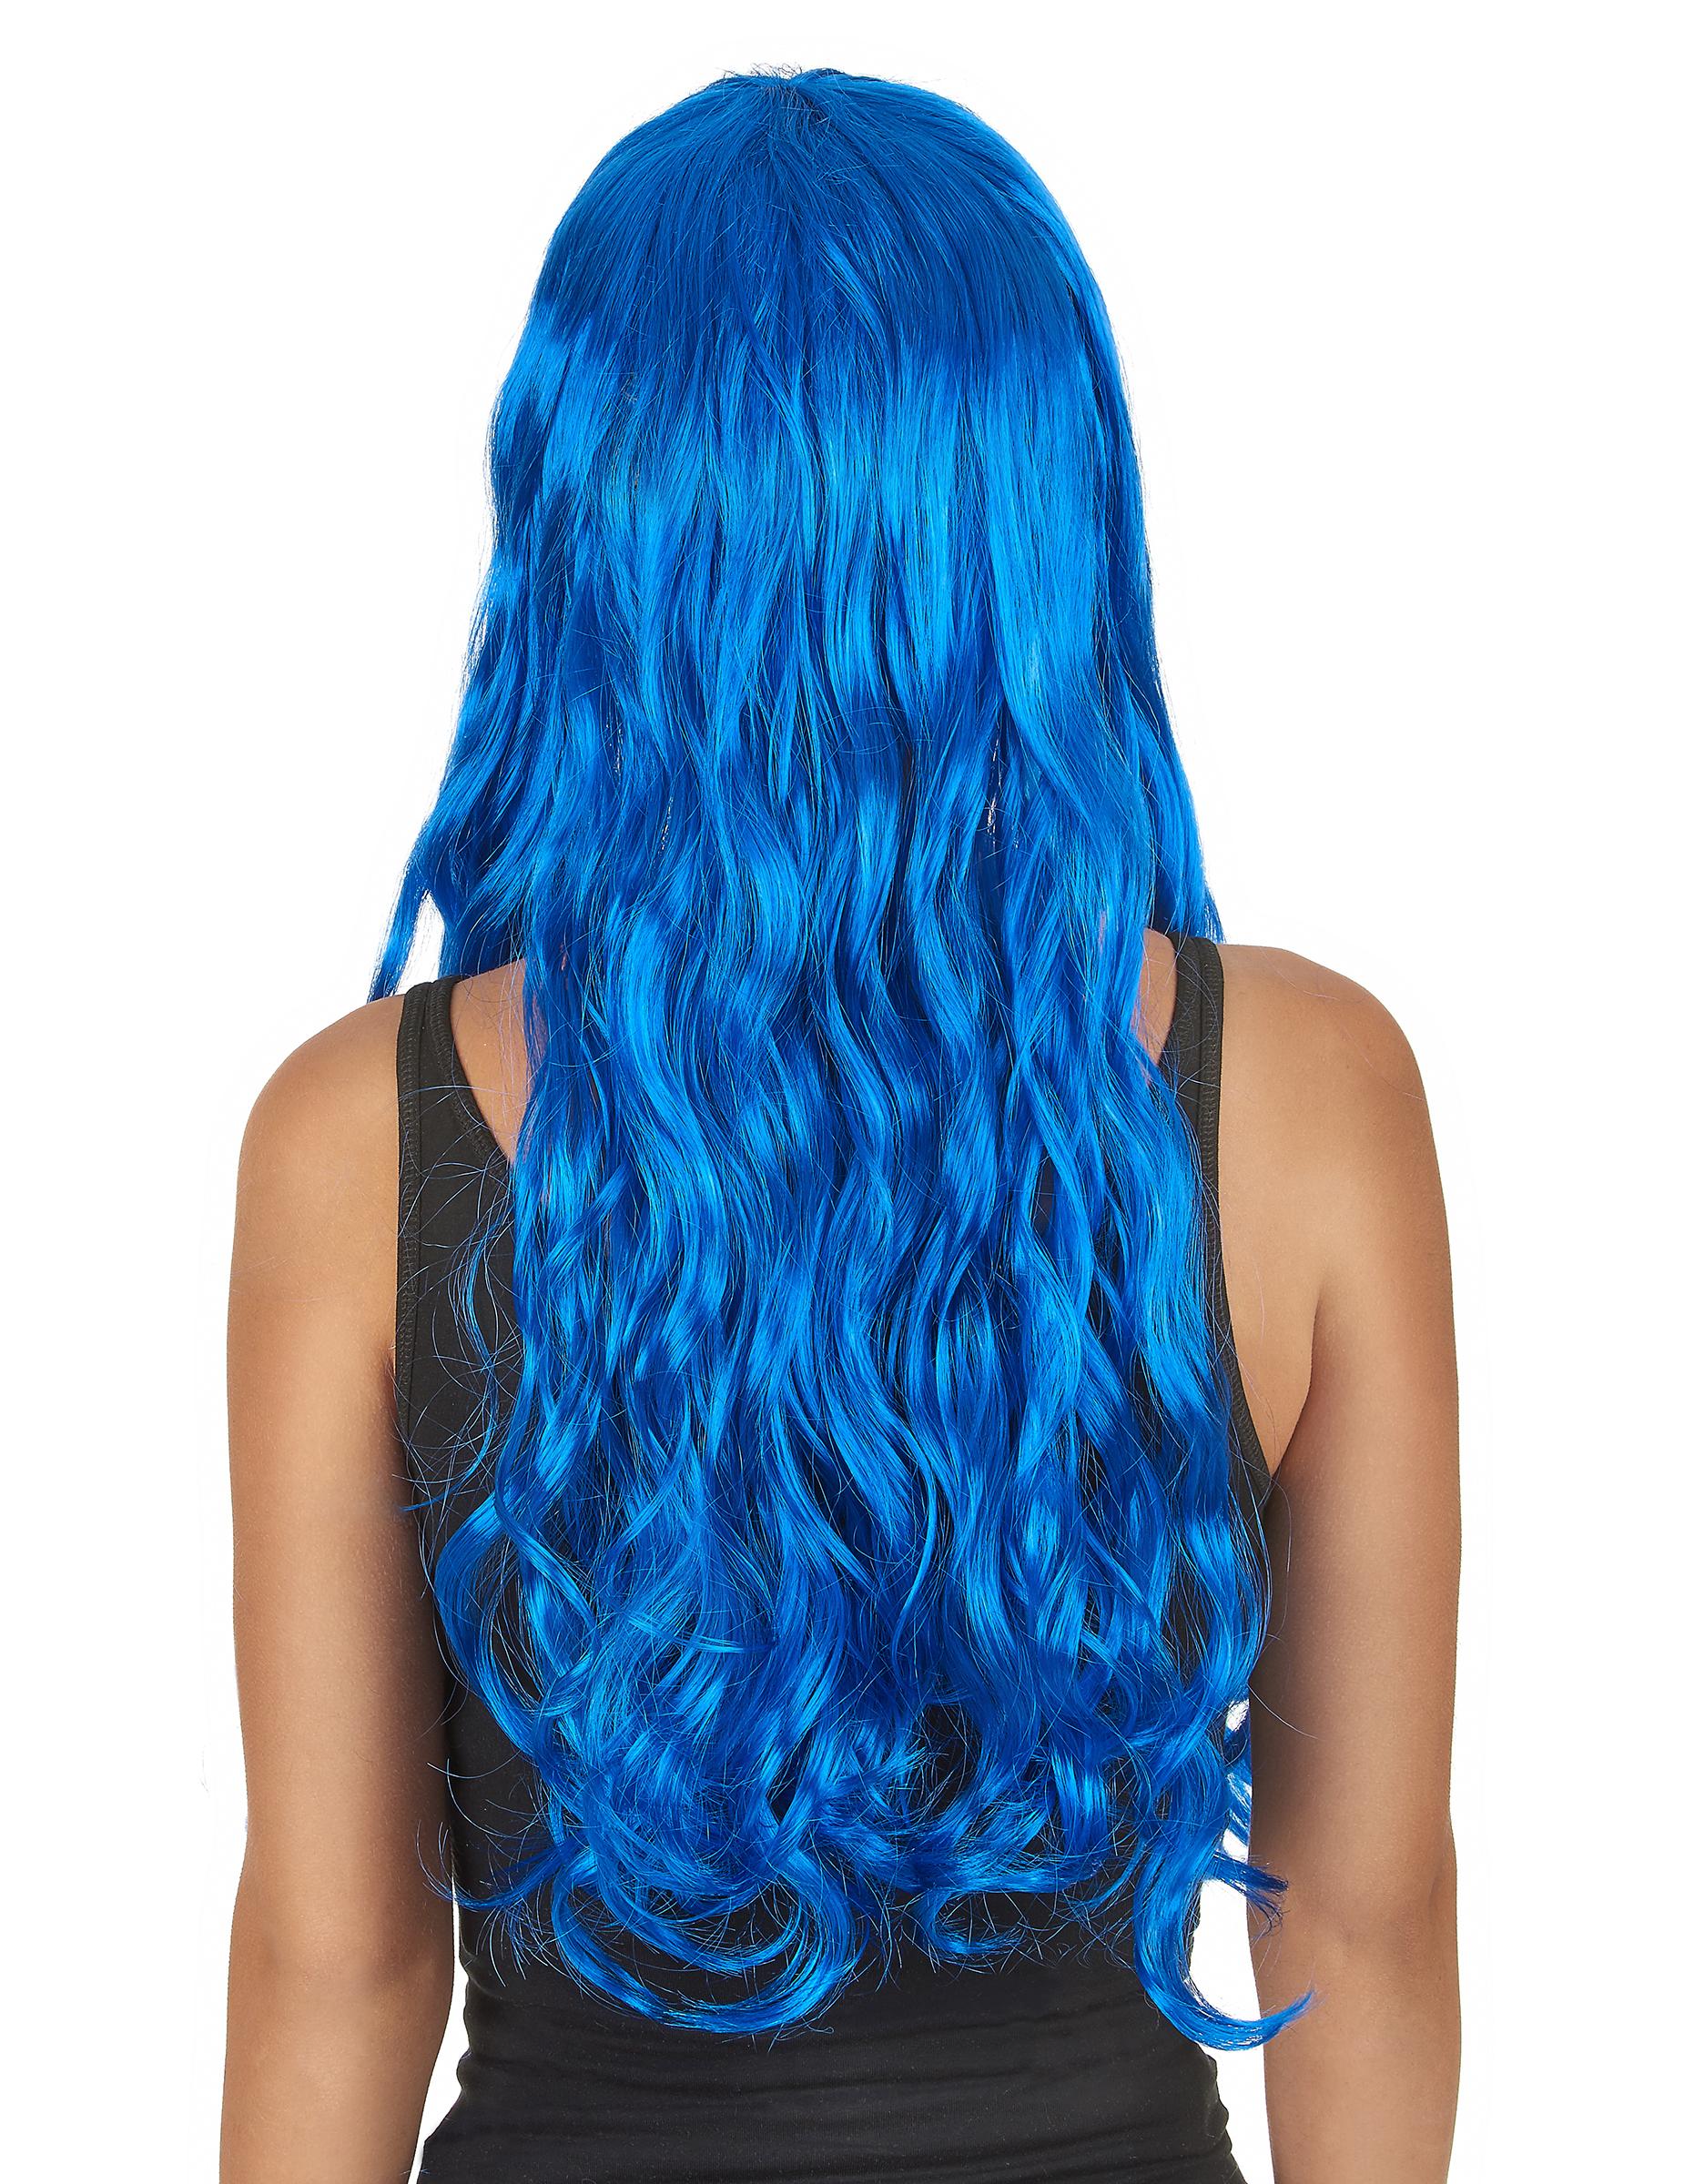 Perruque longue ondulée bleue avec frange femme, achat de Perruques sur VegaooPro, grossiste en ...